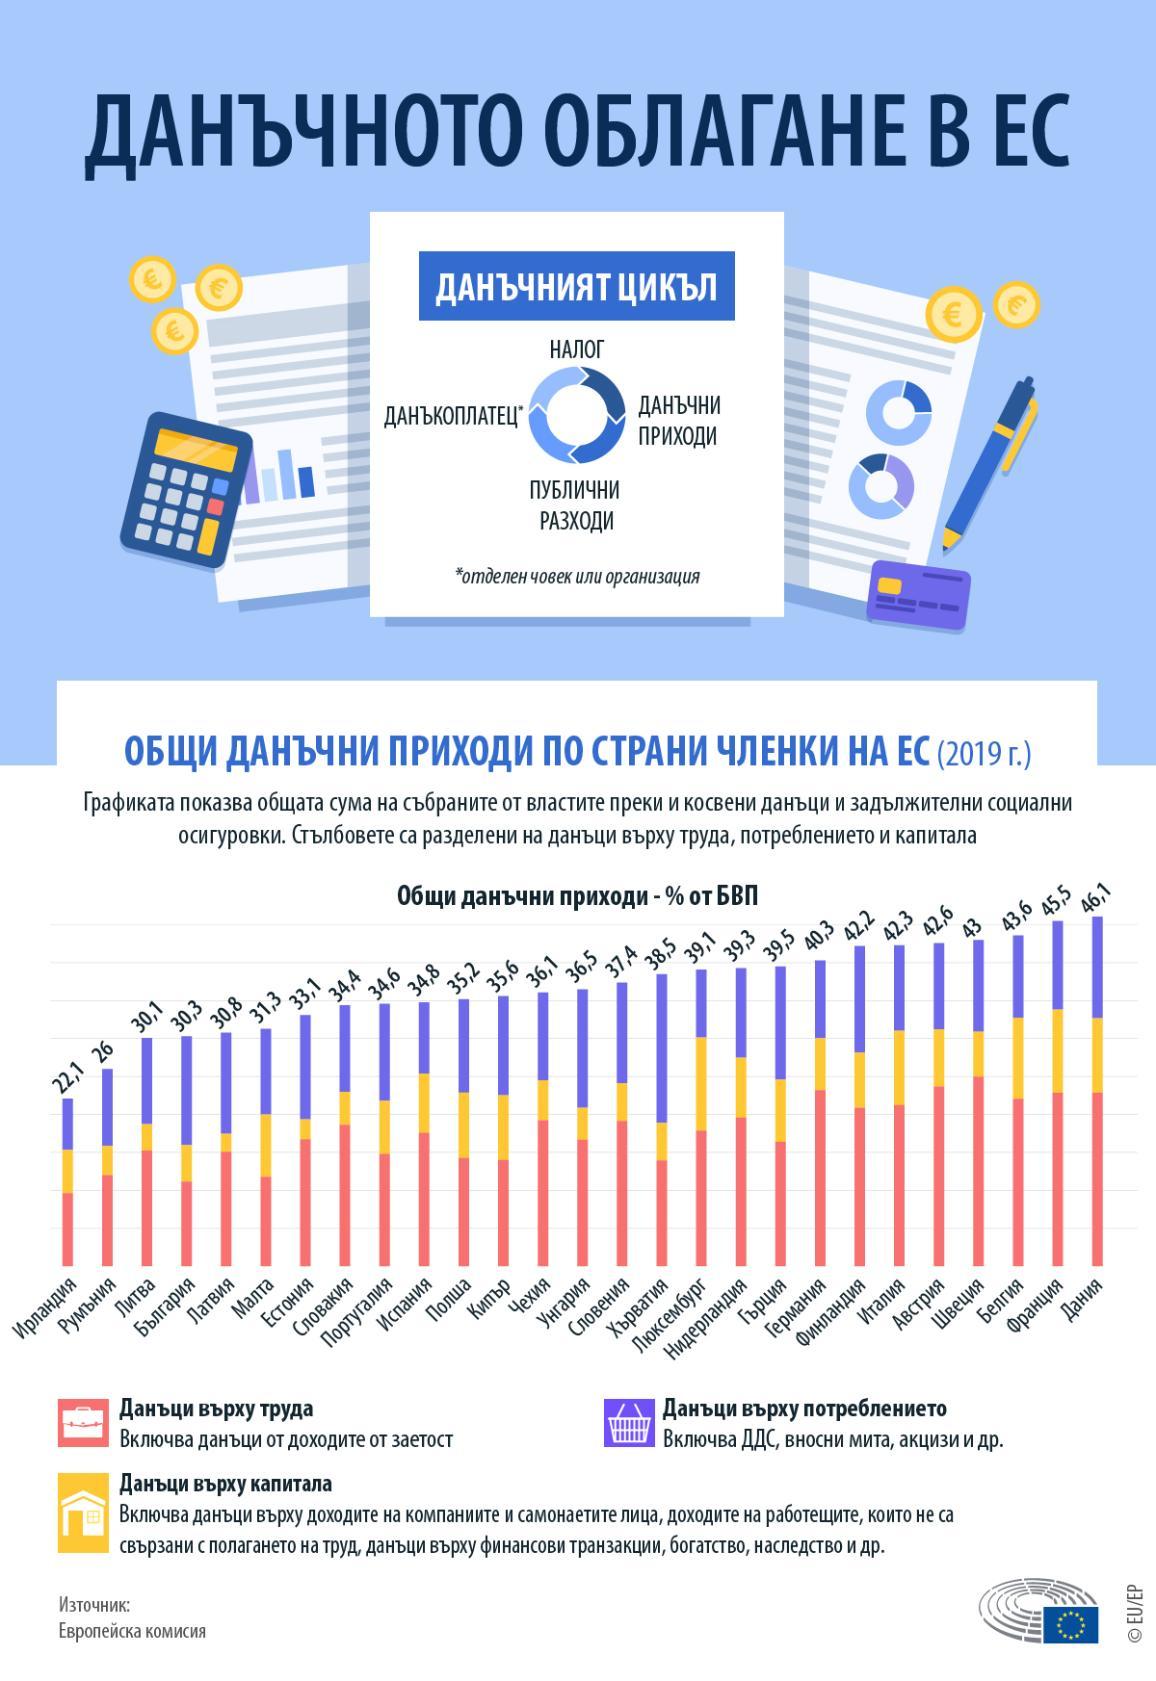 Инфографика за данъчното облагане в ЕС - Общи данъчни приходи по страни членки и разделение на приходите между данъци върху труда, капитала и потреблението